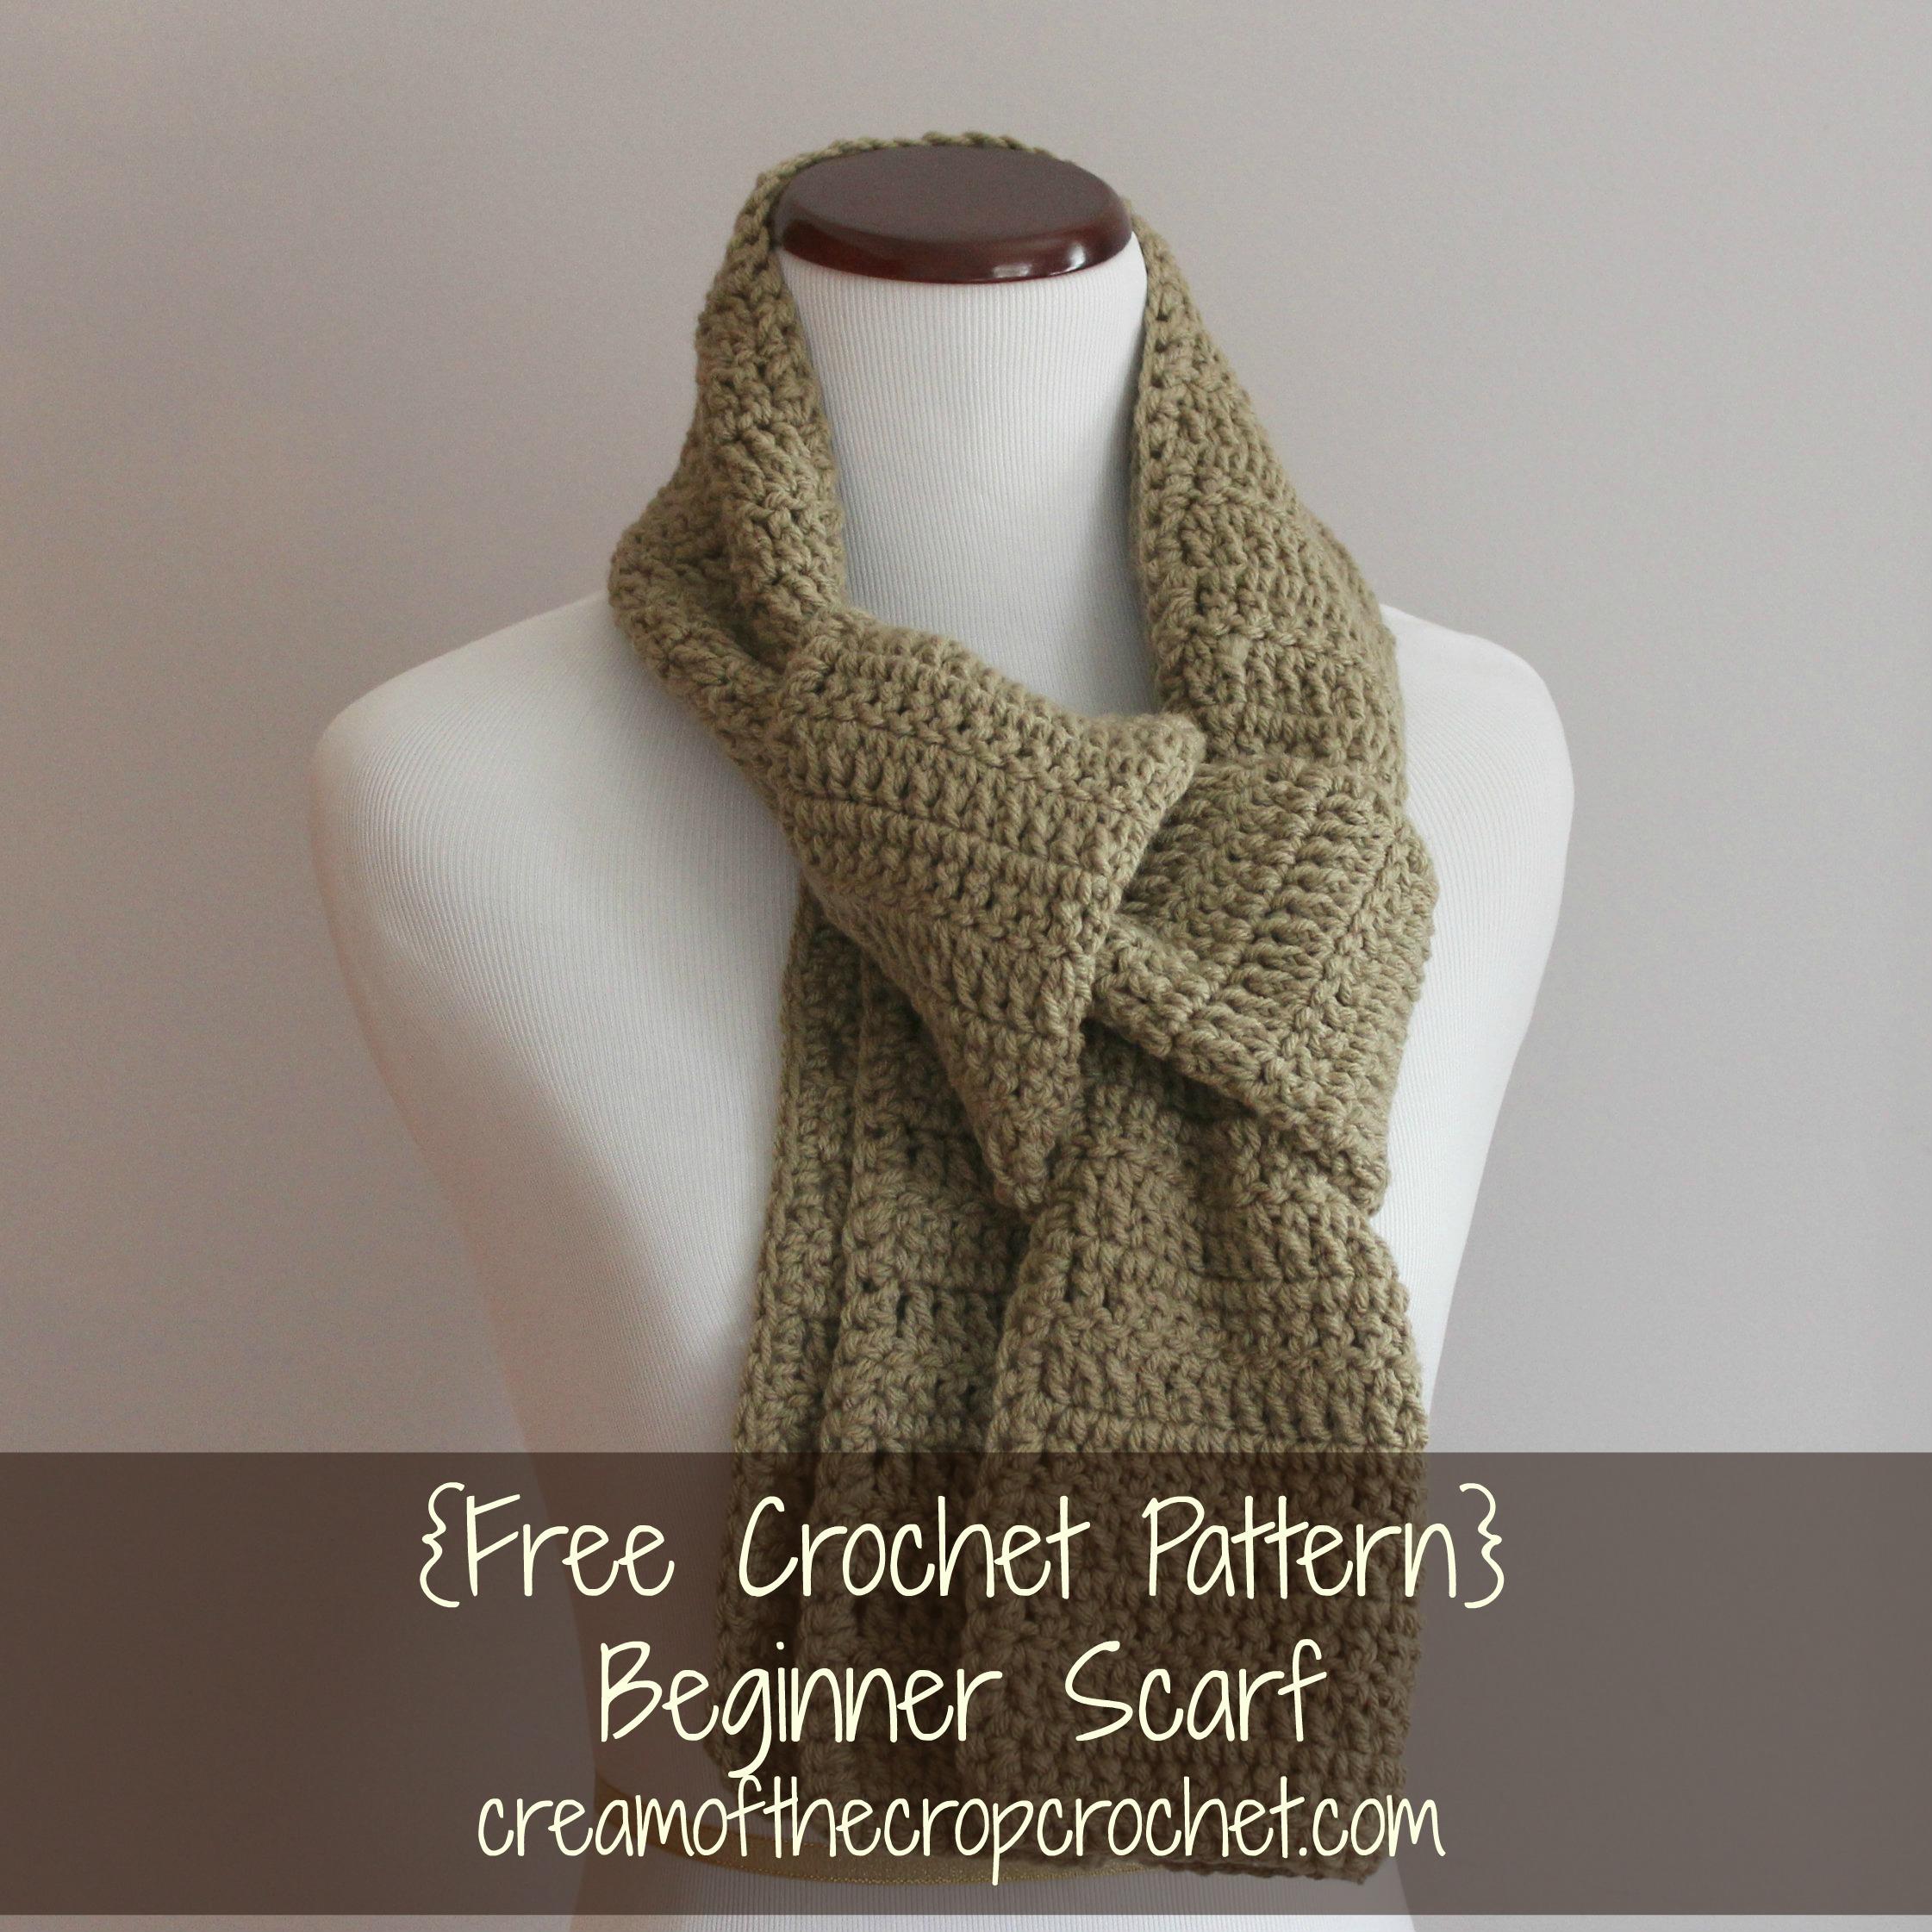 Lee Scarf Crochet Pattern